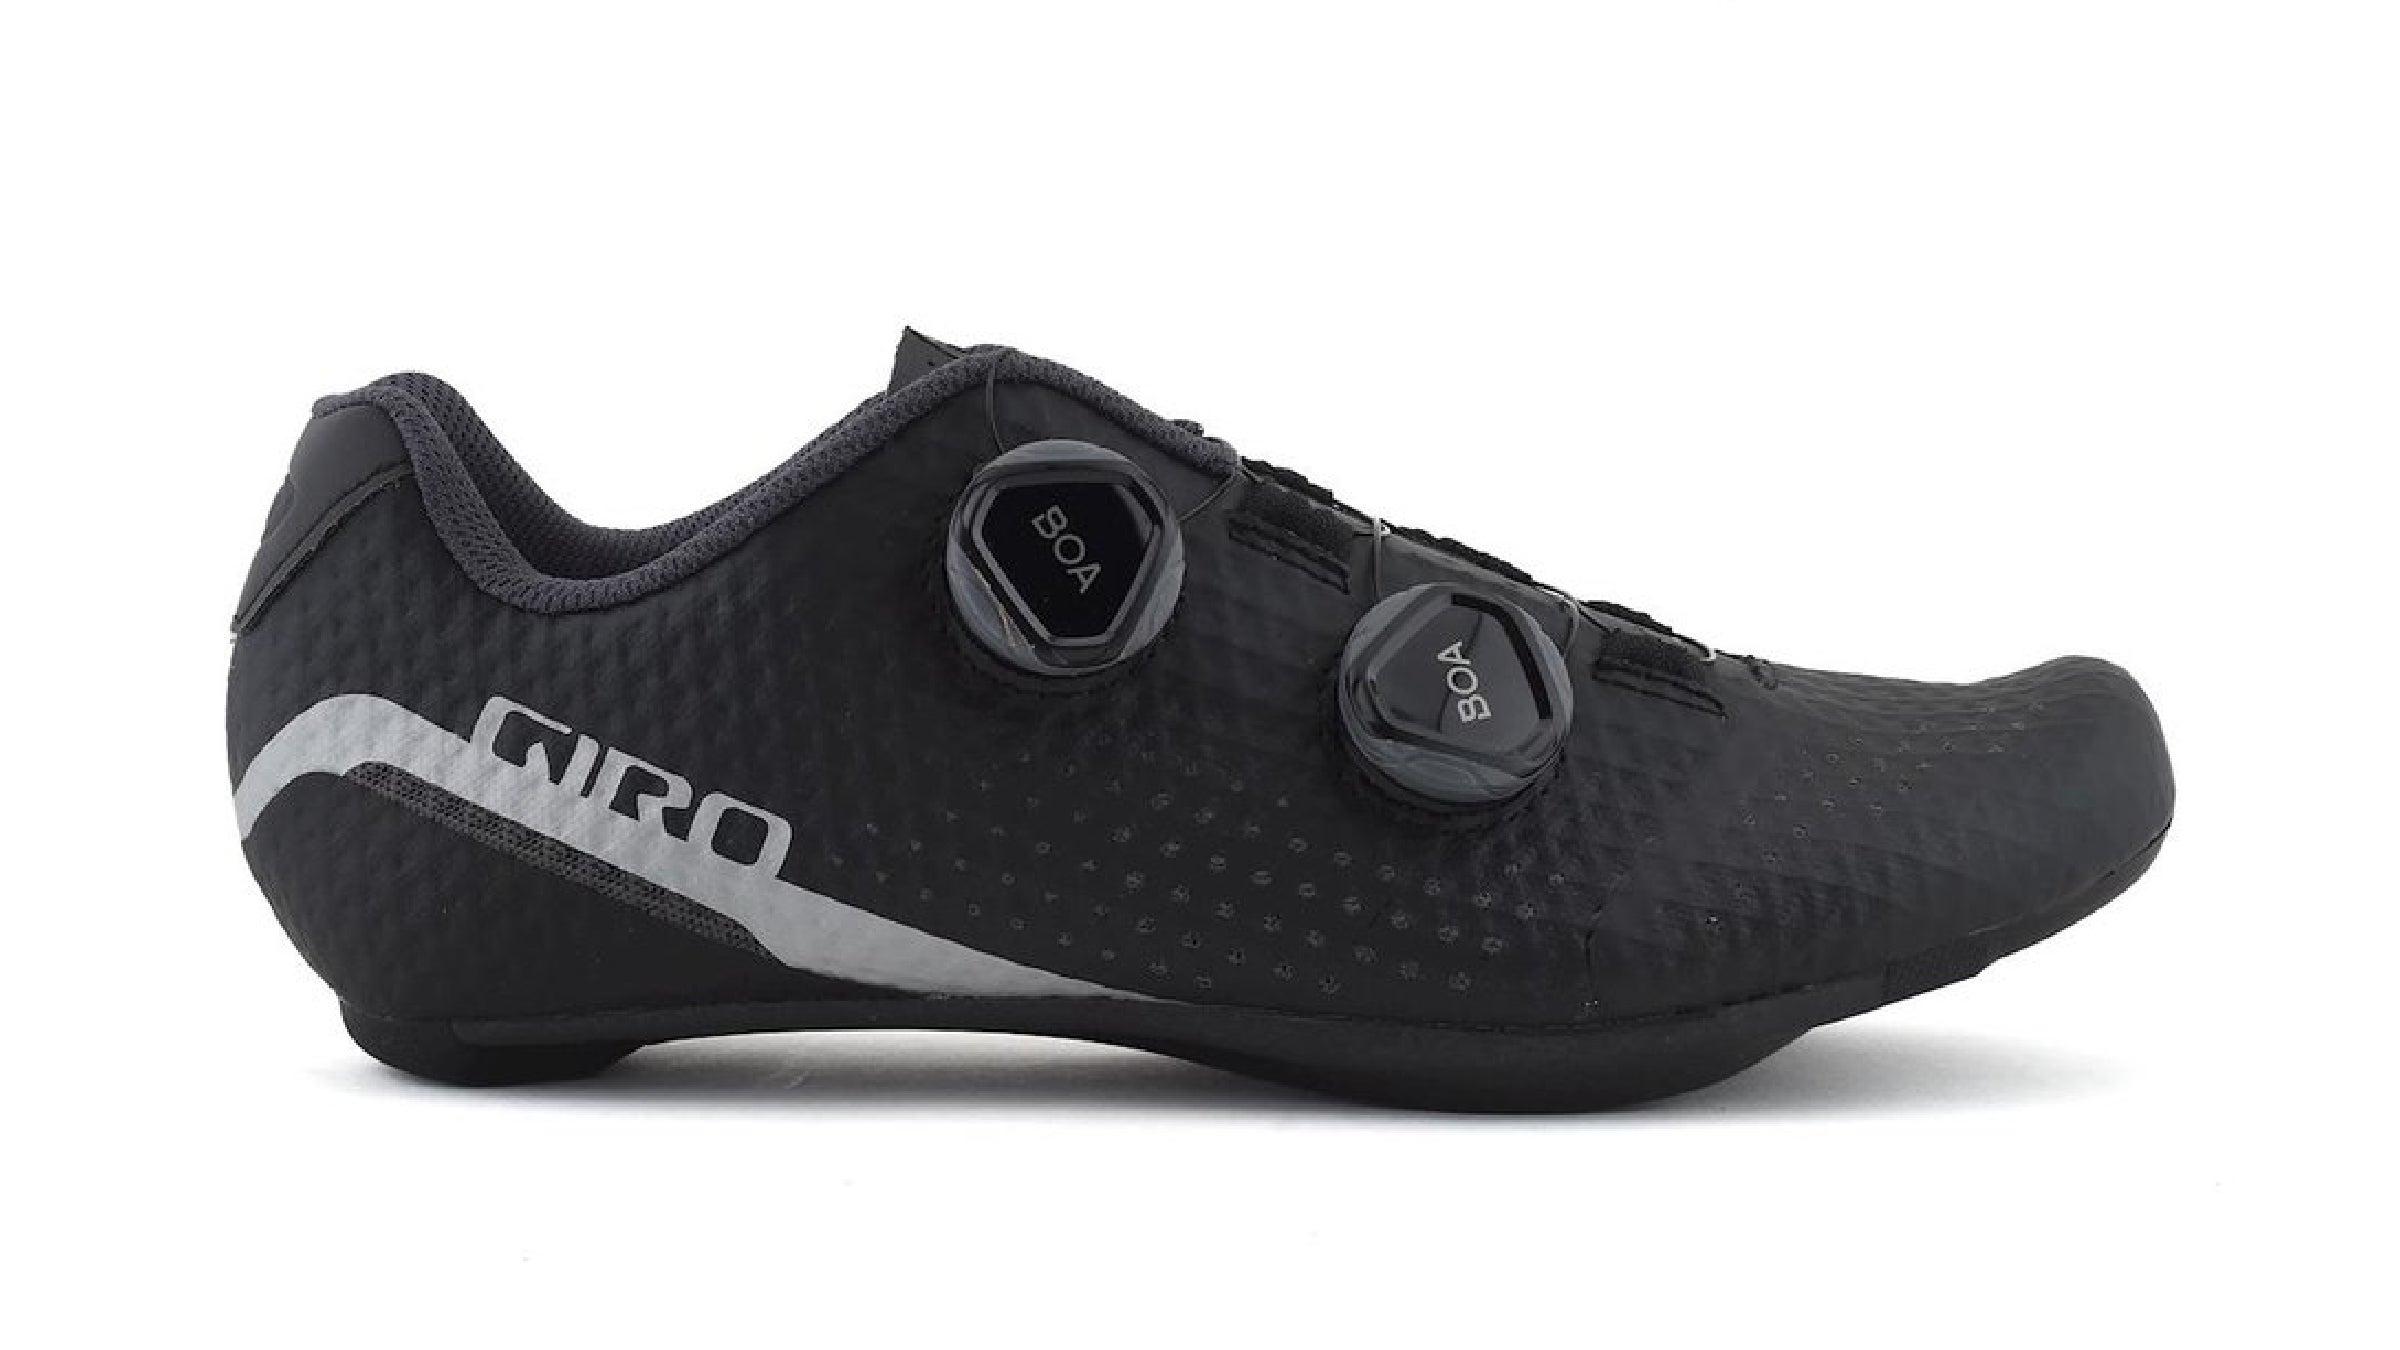 Giro Regime cycling shoe